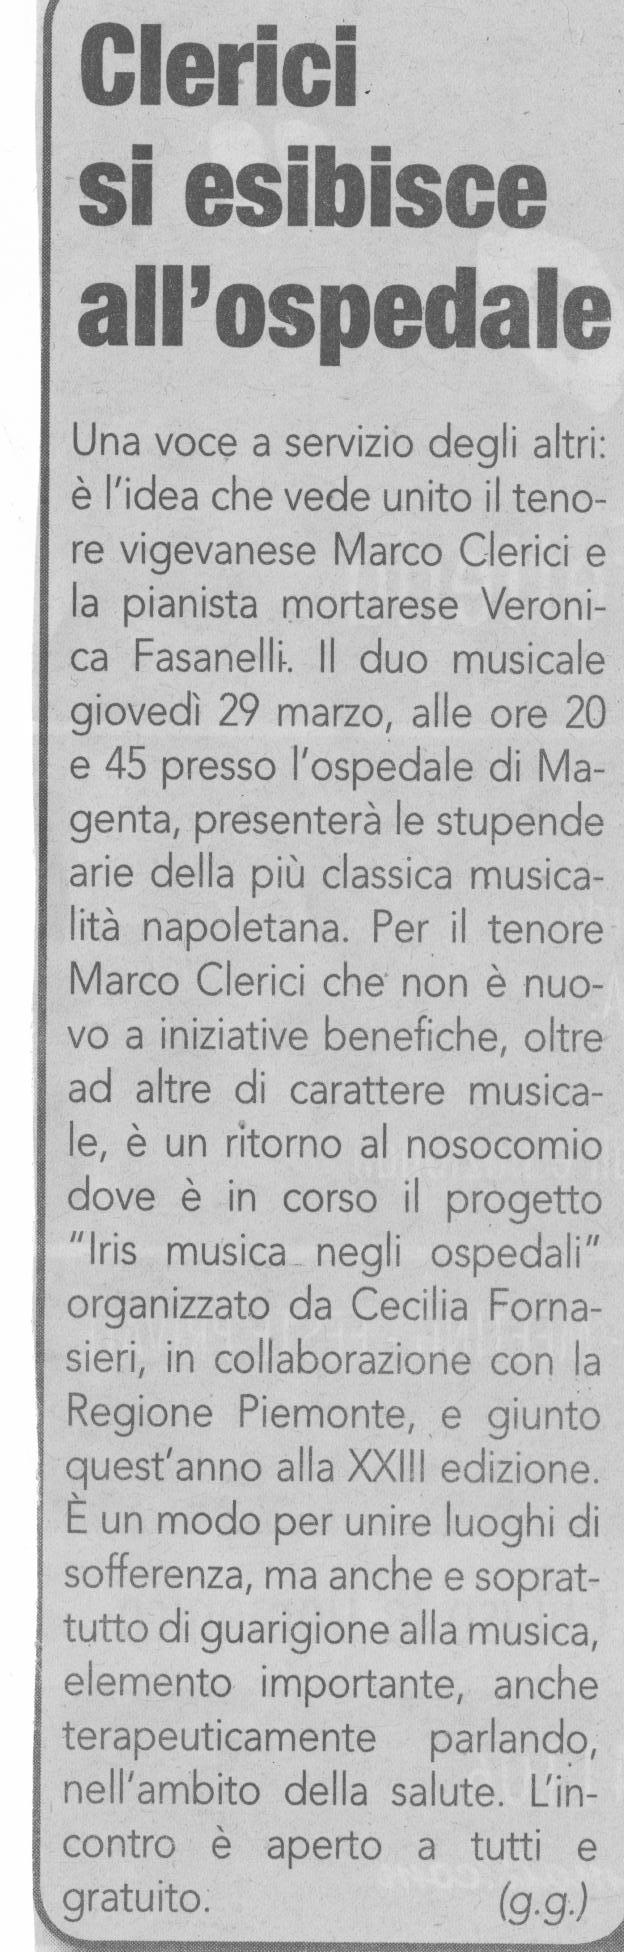 Concerto a Magenta del 29 marzo 2012